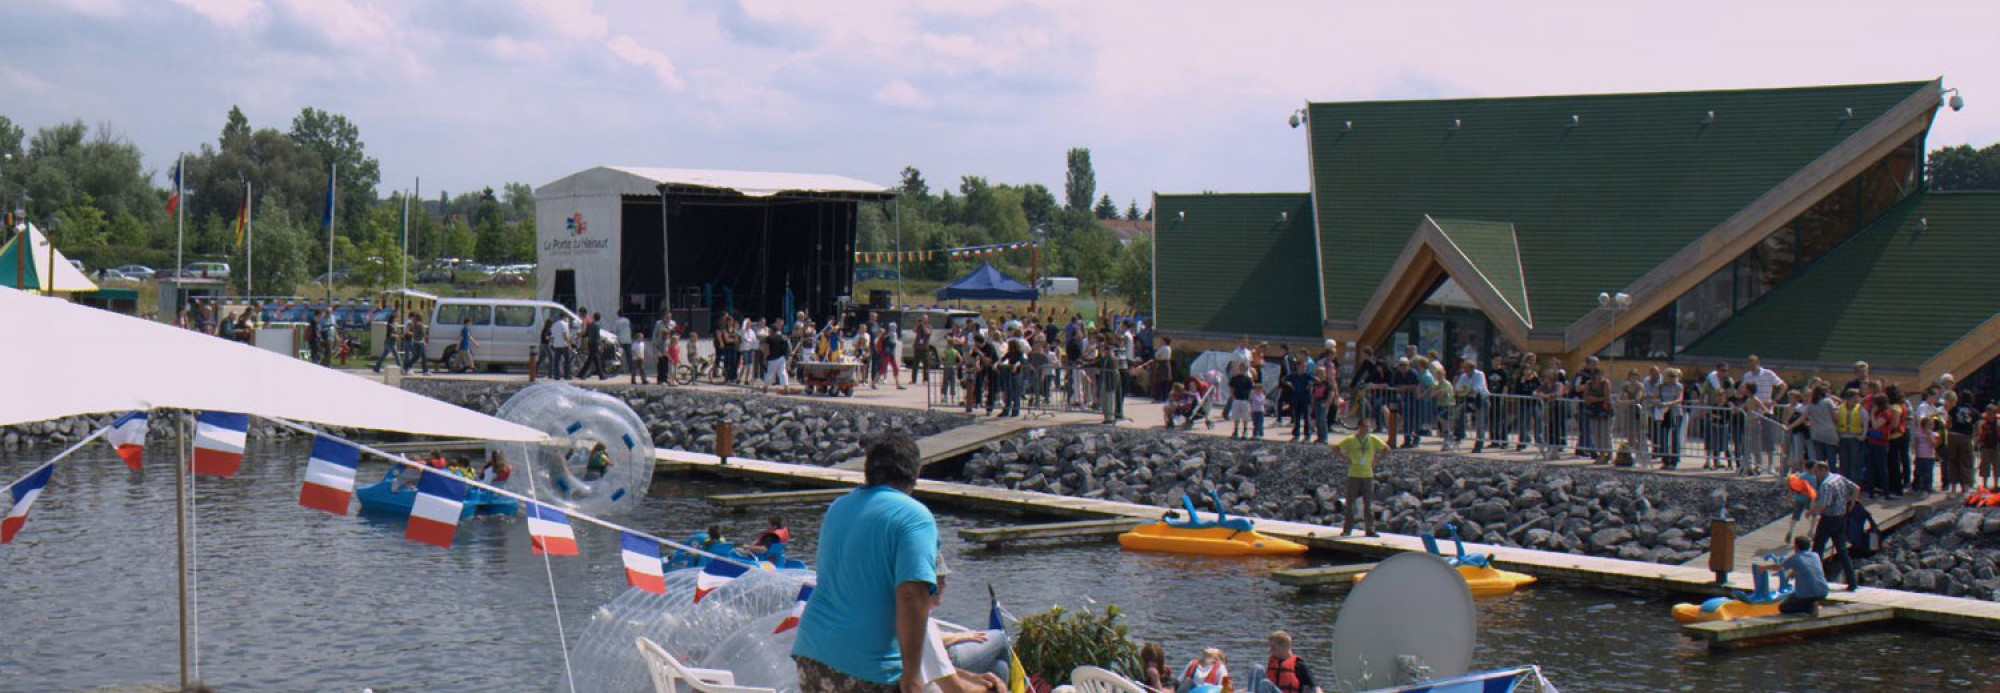 Office de tourisme porte du hainaut - Office du tourisme de saint amand les eaux ...